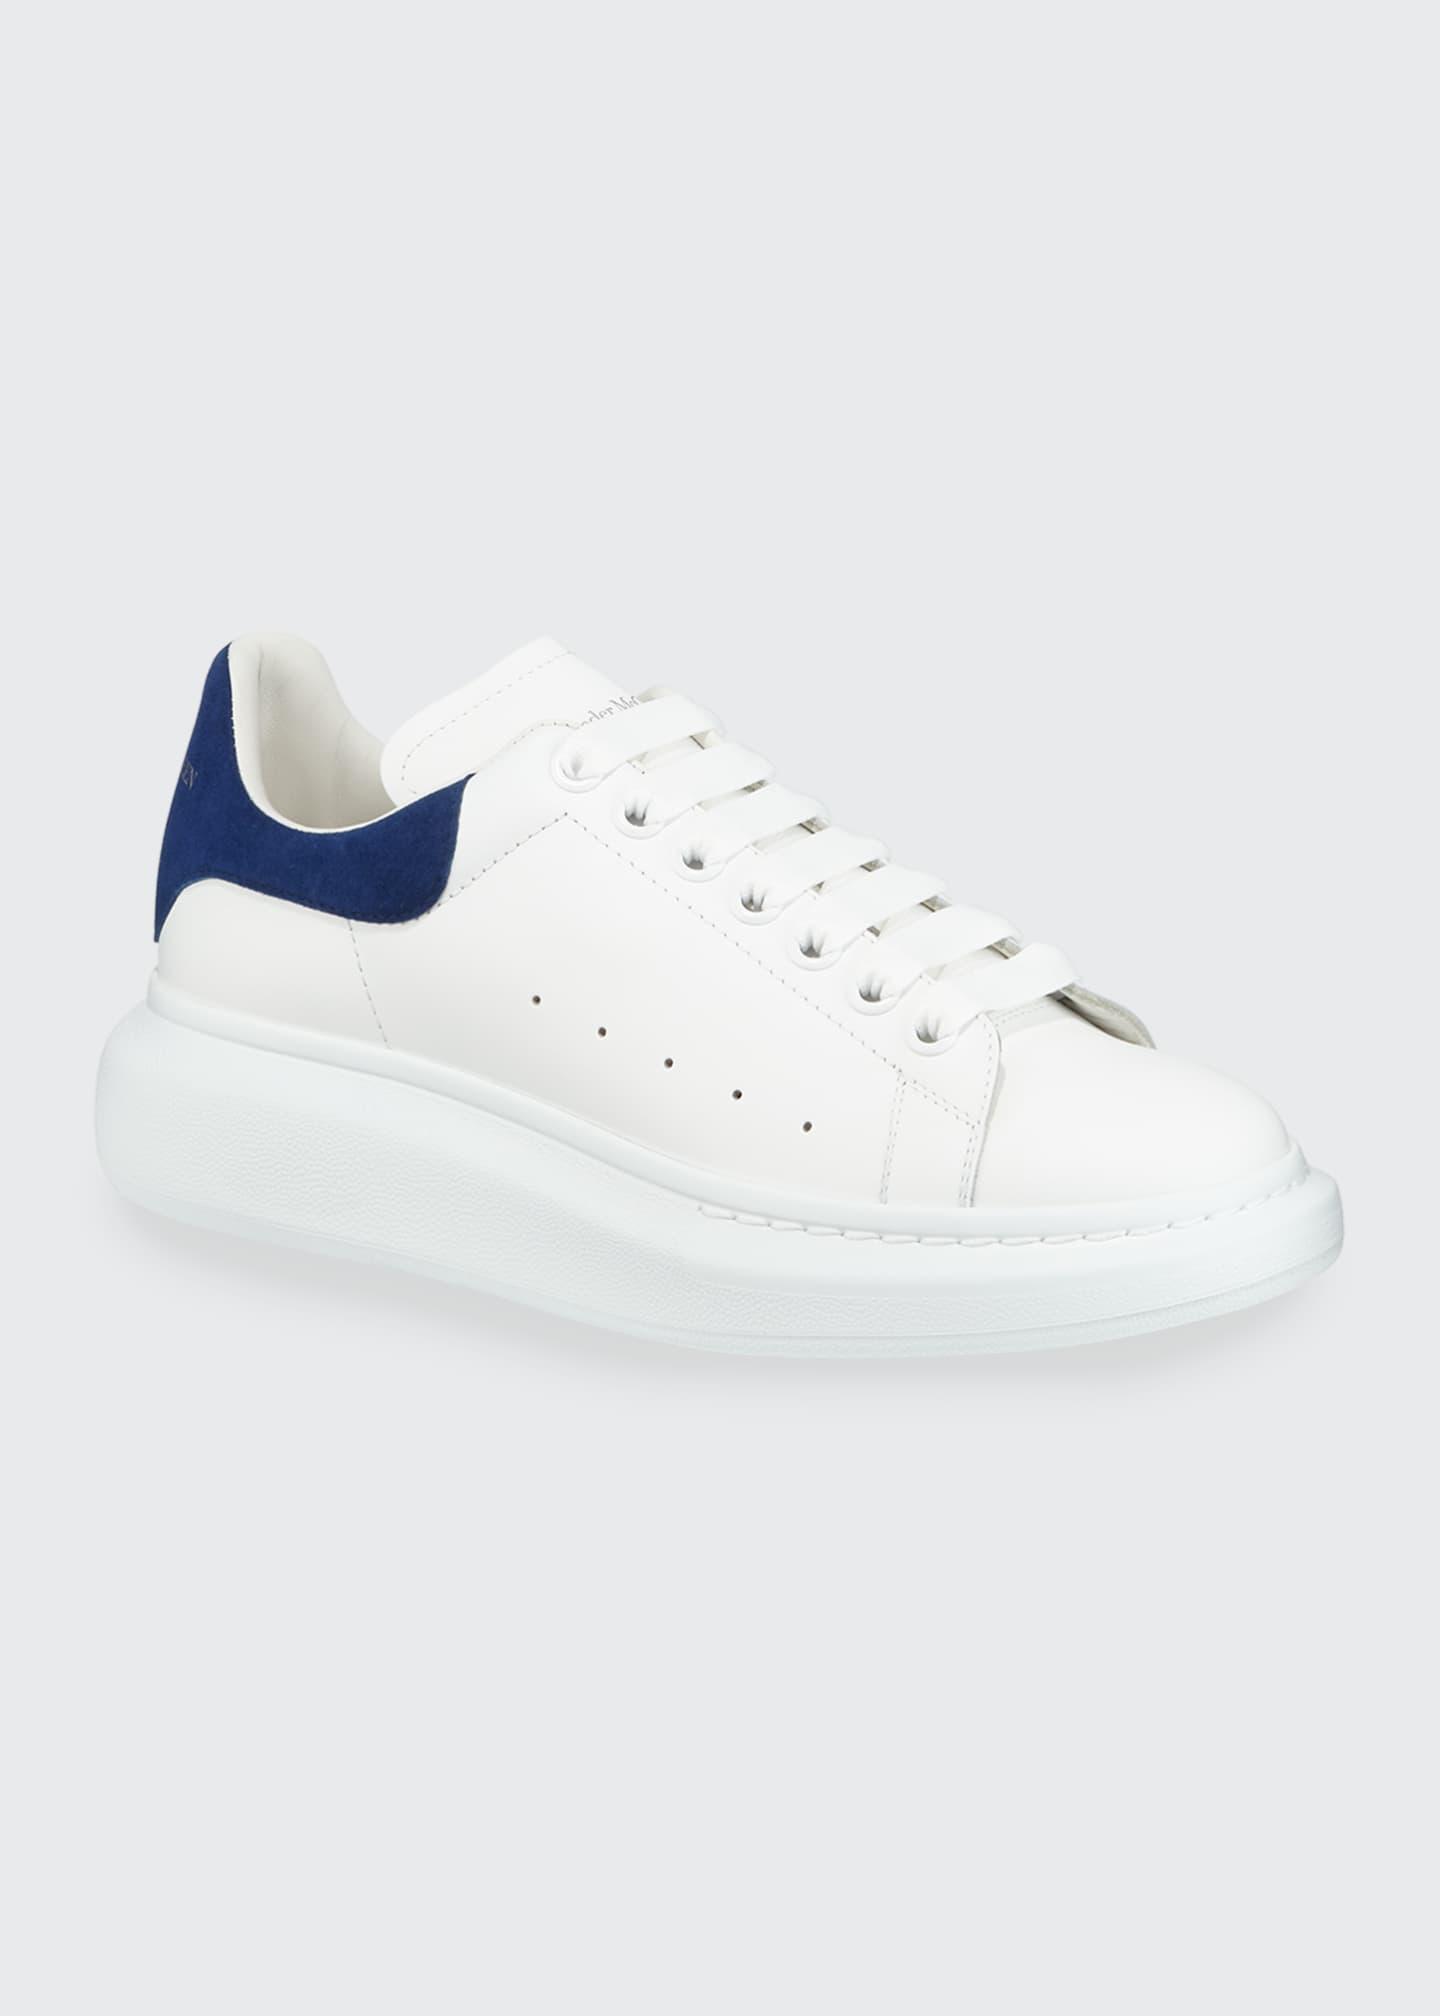 麦昆蓝尾小白鞋